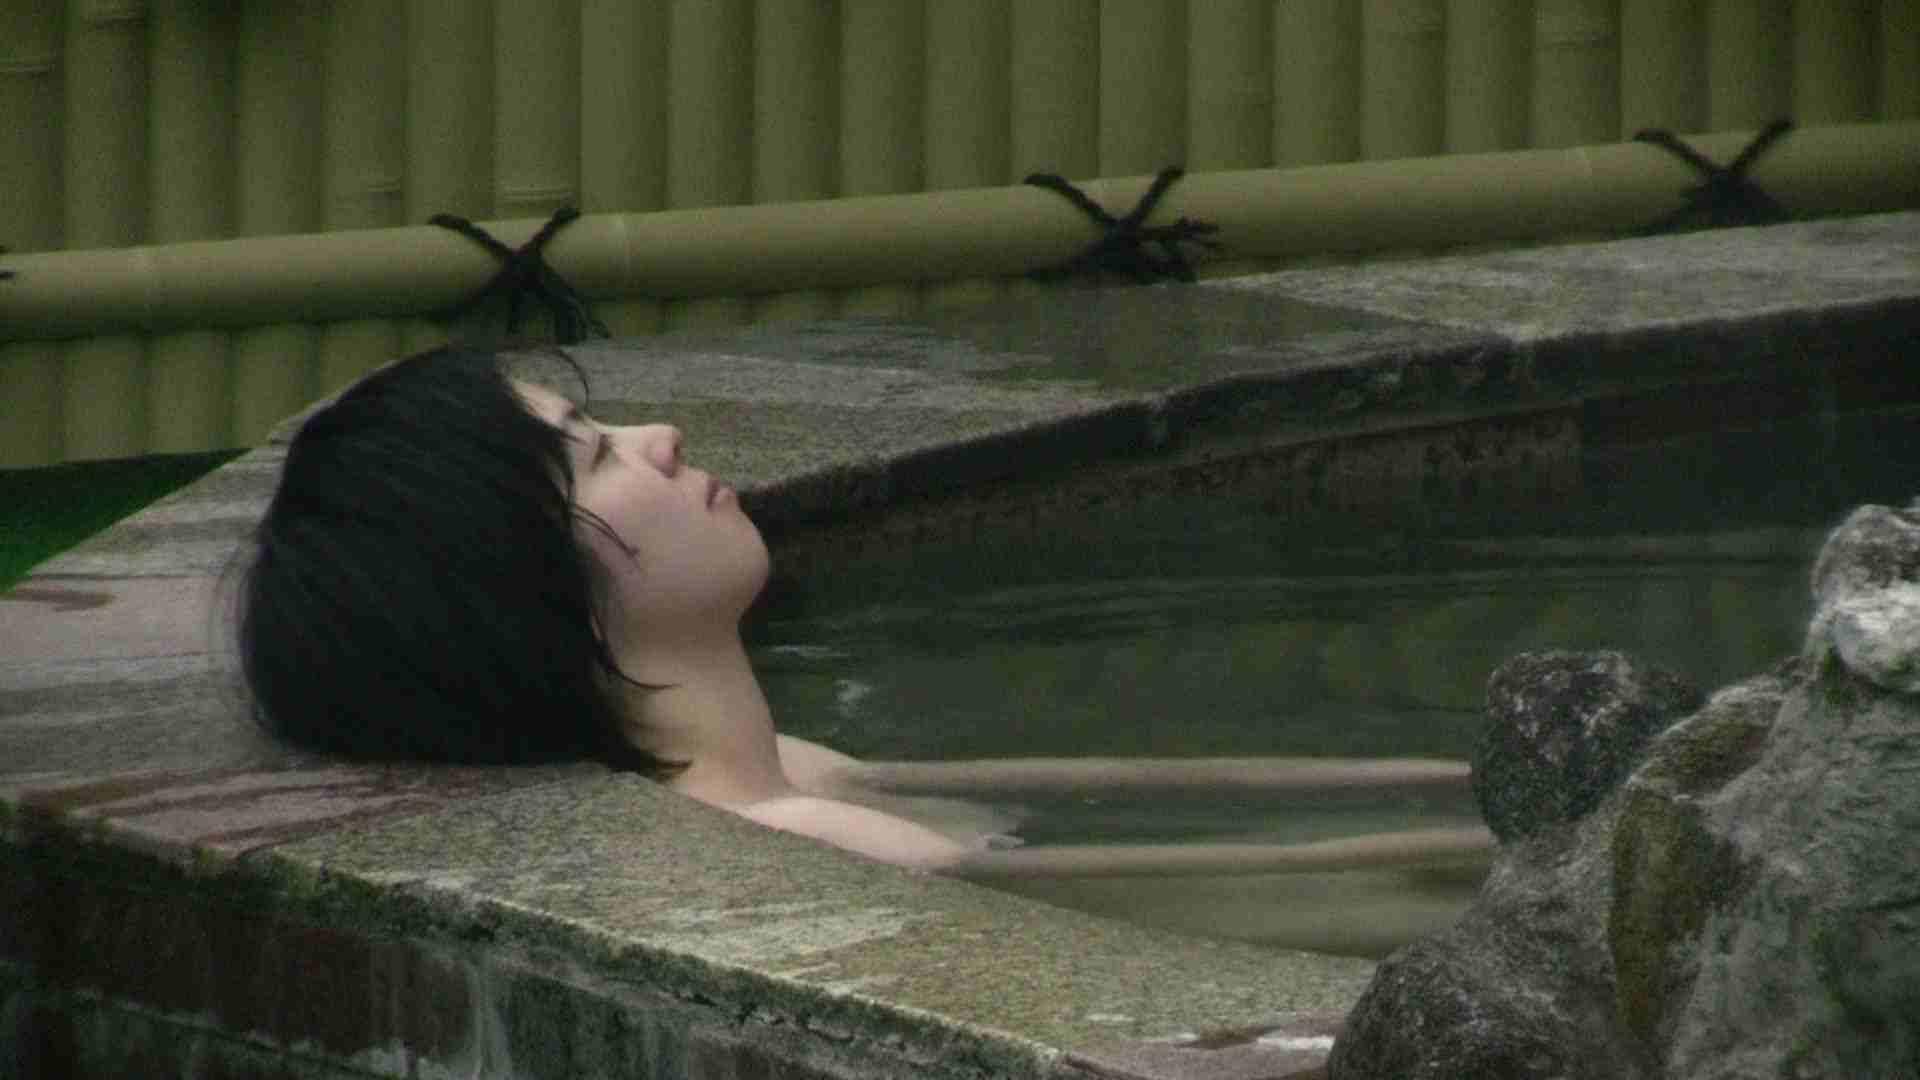 Aquaな露天風呂Vol.685 OLハメ撮り  42Pix 37